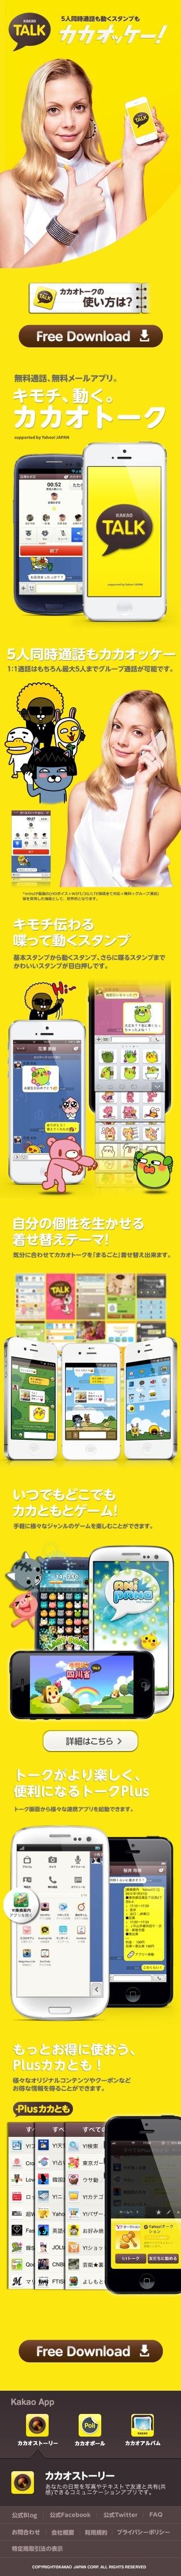 http://www.kakao.co.jp/